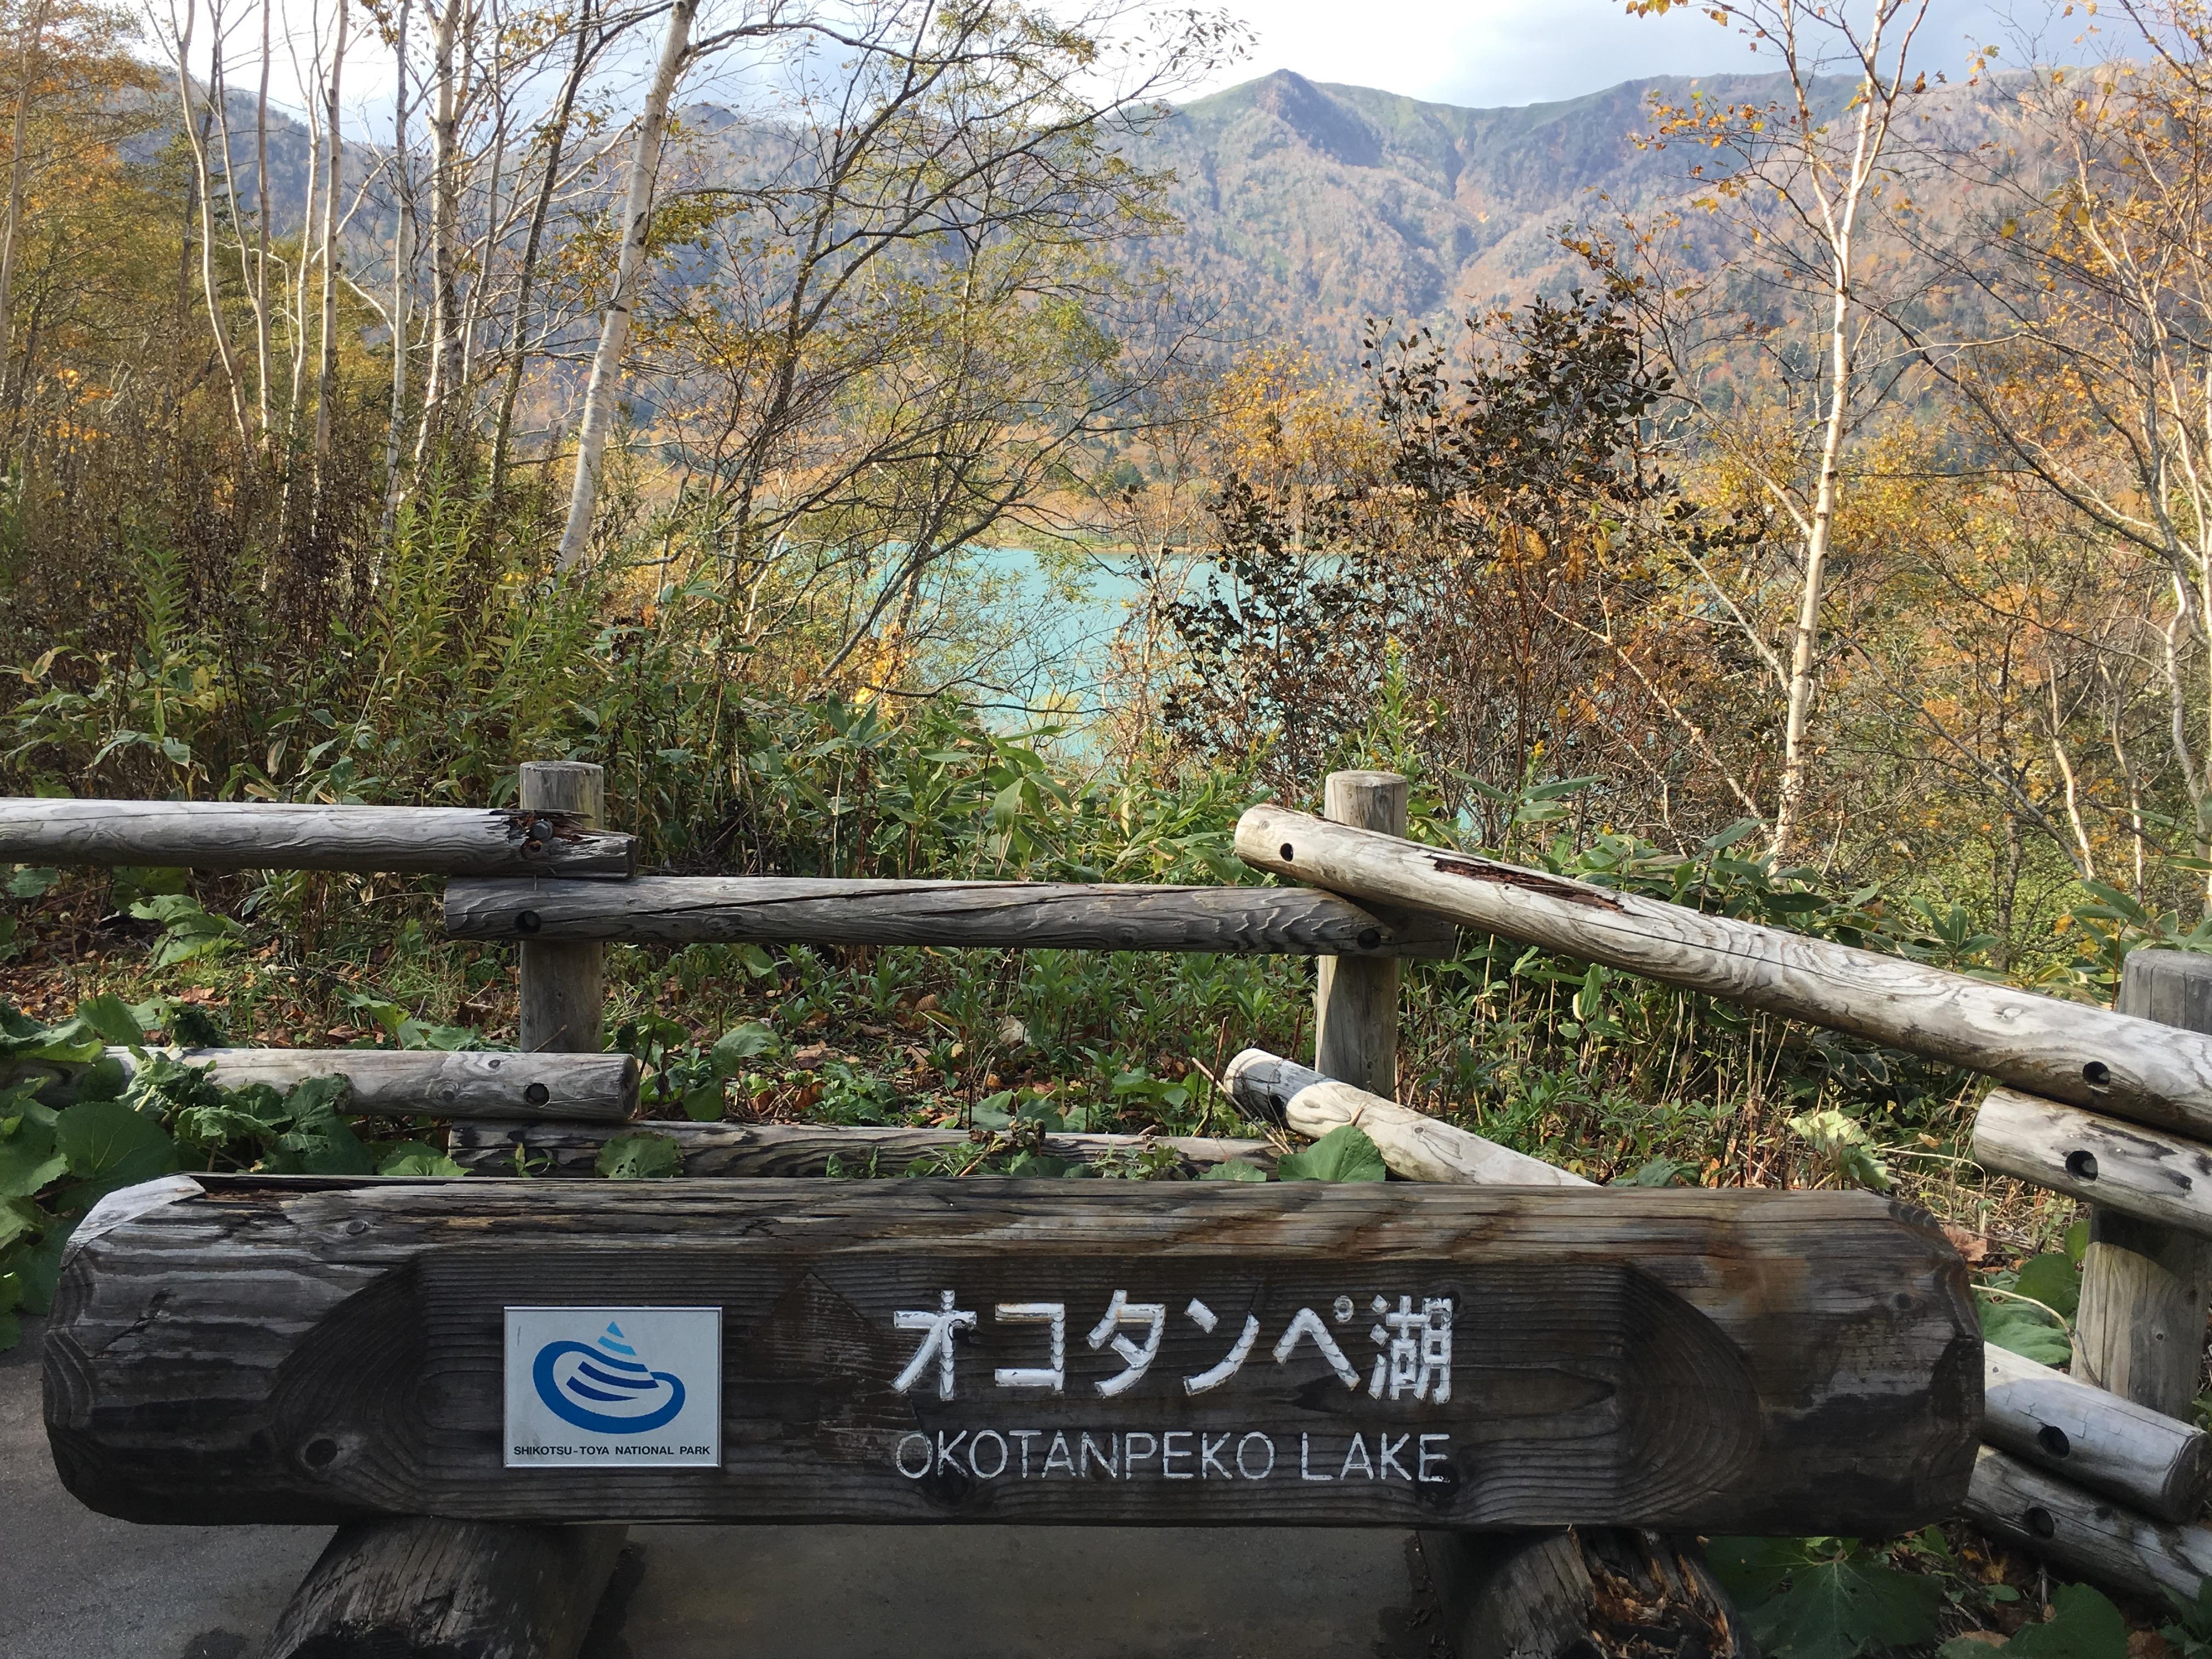 オコタンペ湖正面